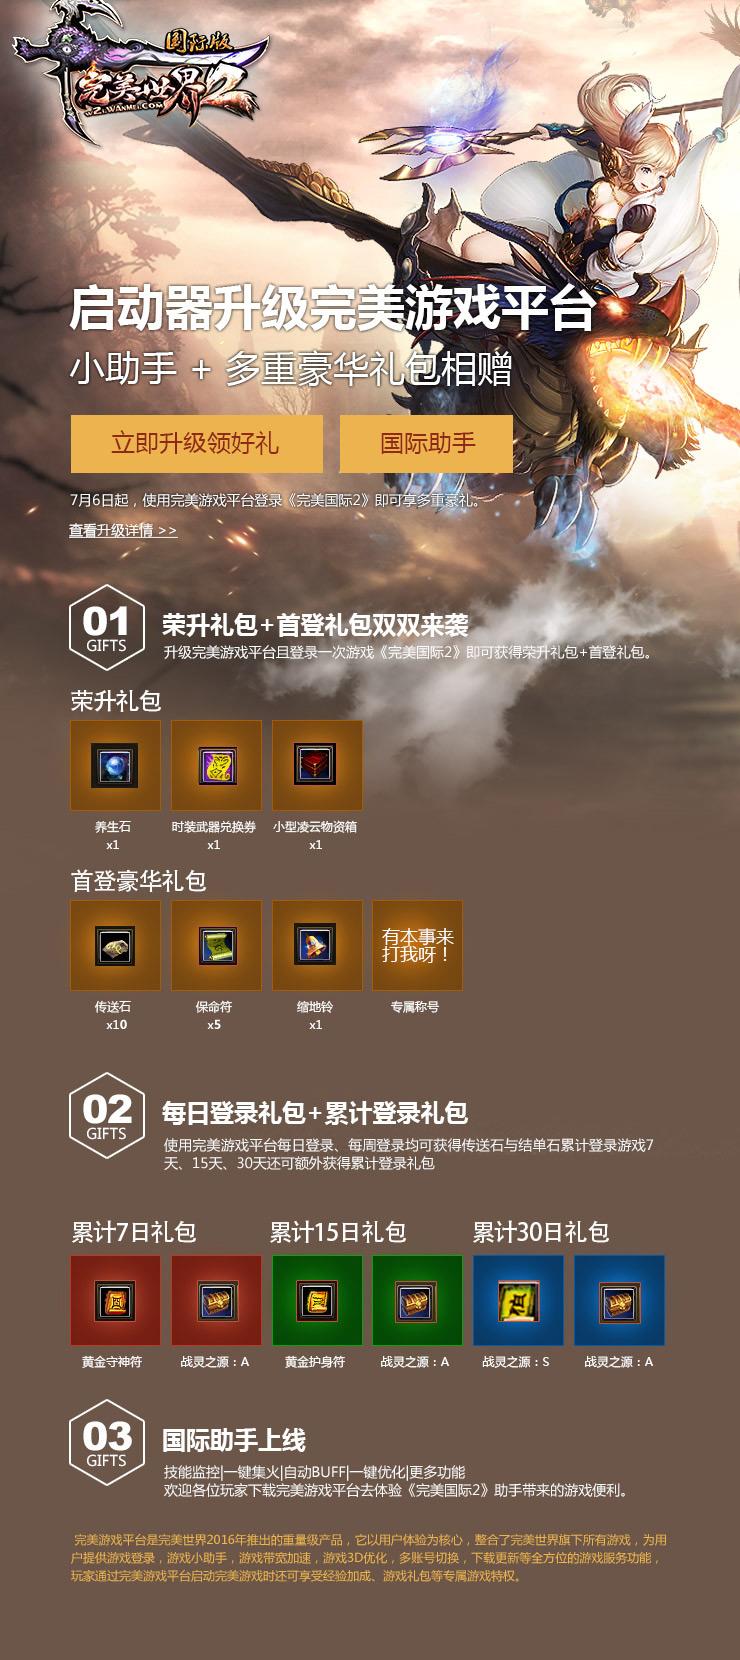 《完美国际》启动器升级完美游戏平台,7月7日起,使用完美游戏平台登录《完美国际2》,即可享多重好礼。